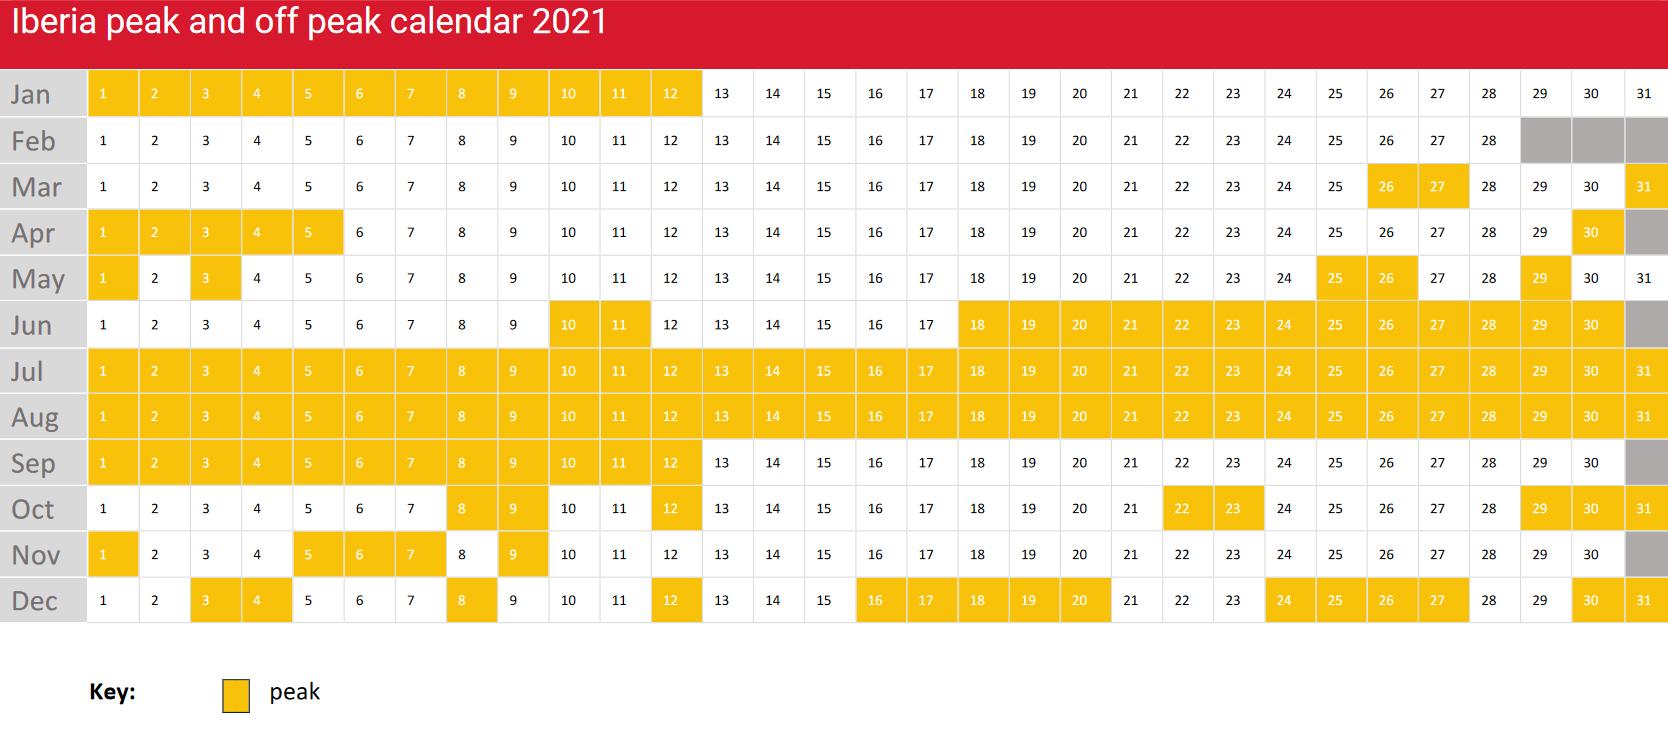 Iberia peak offpeak avios redemption calendar 2021